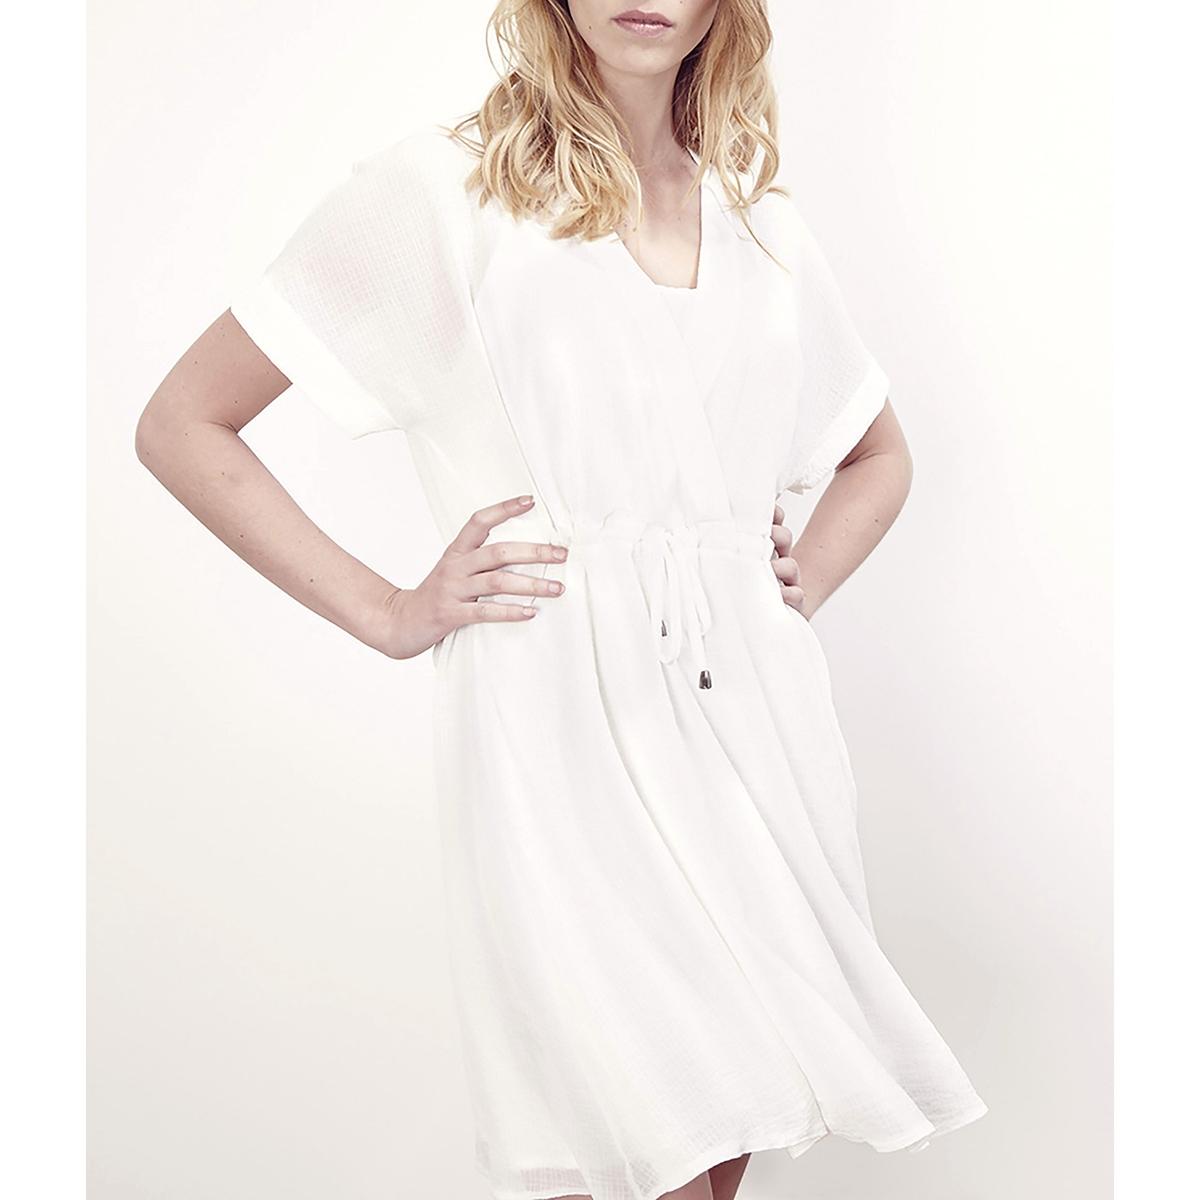 Платье с короткими рукавами RADIALПлатье RADIAL от LENNY B . Платье  на подкладке. Вырез с запахом . Короткие рукава. завязки на поясе .Состав и детали     Материал: 100% полиэстера.     Марка    LENNY B.<br><br>Цвет: черный,экрю<br>Размер: 2(M)